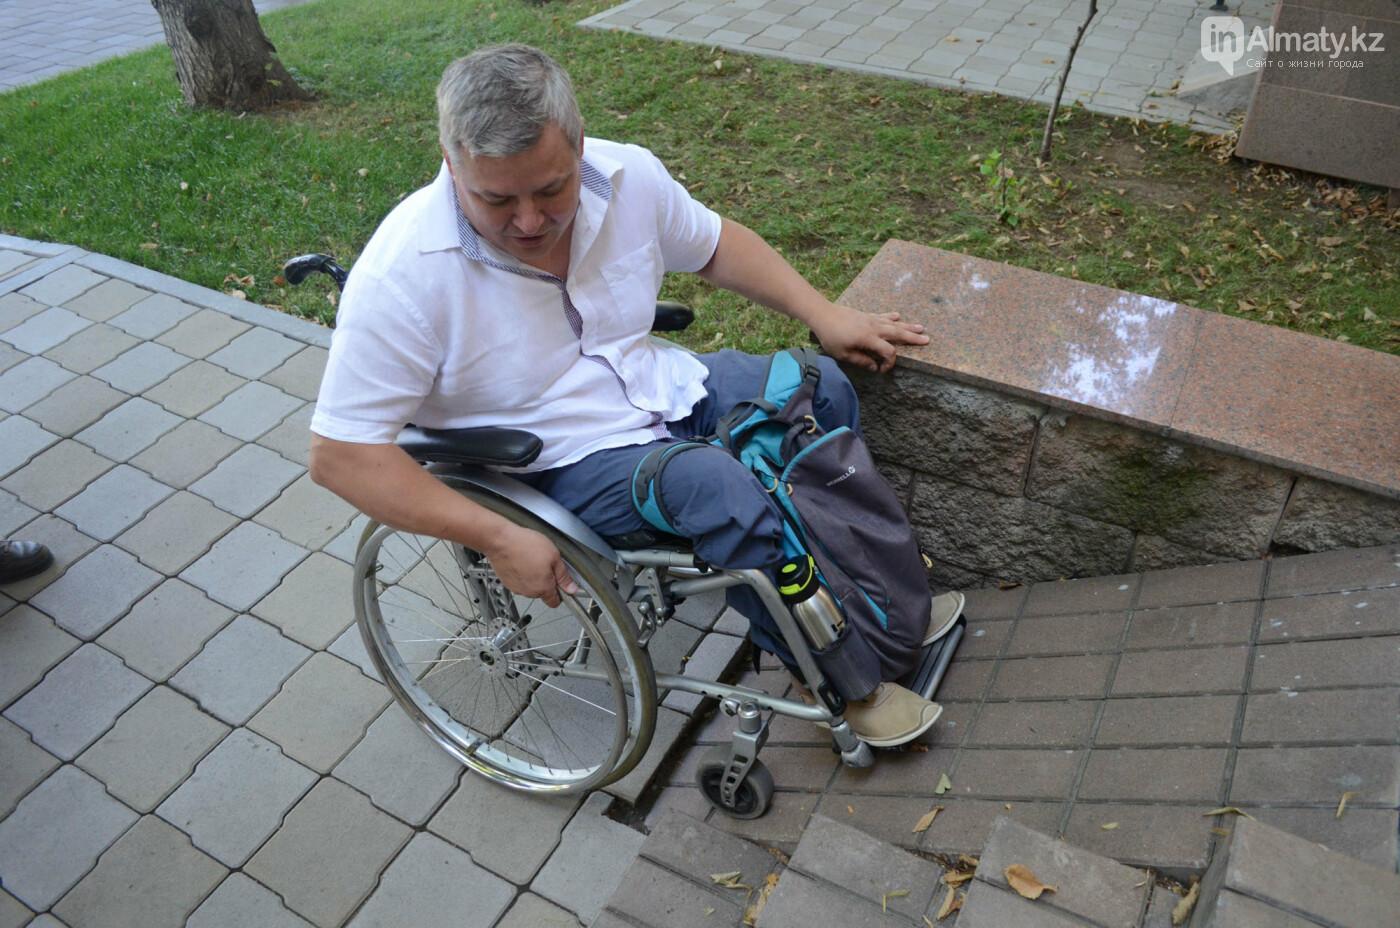 Недоступная среда: Почему реконструированная пешеходная зона по Назарбаева неудобна для инвалидов, фото-6